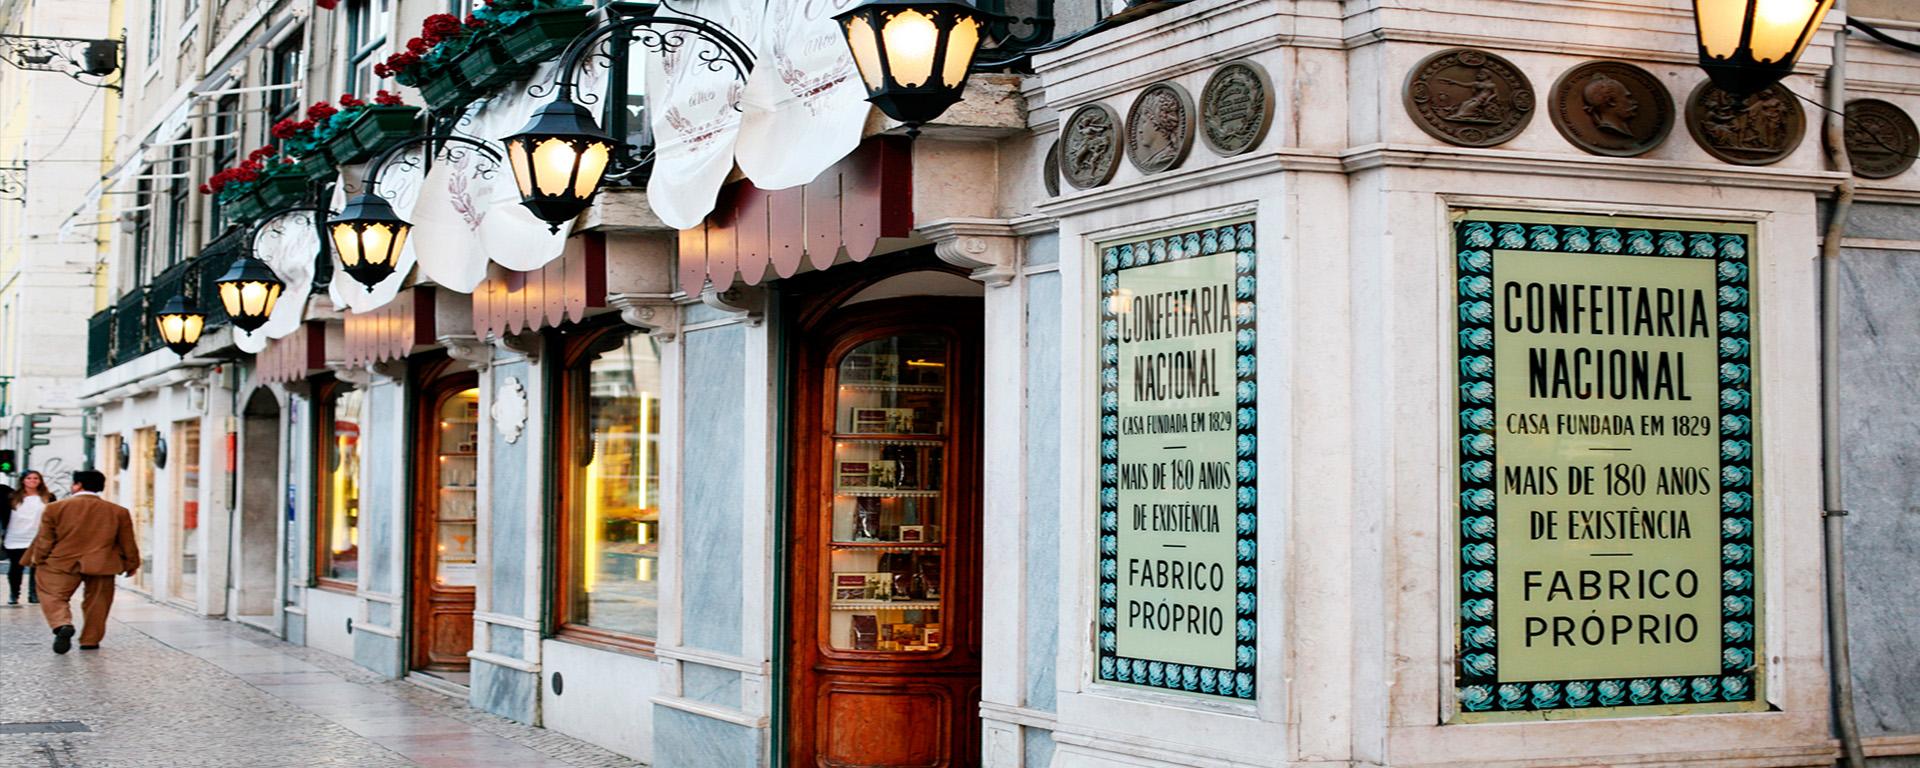 9 dicas de padaria na Europa que você precisa conhecer